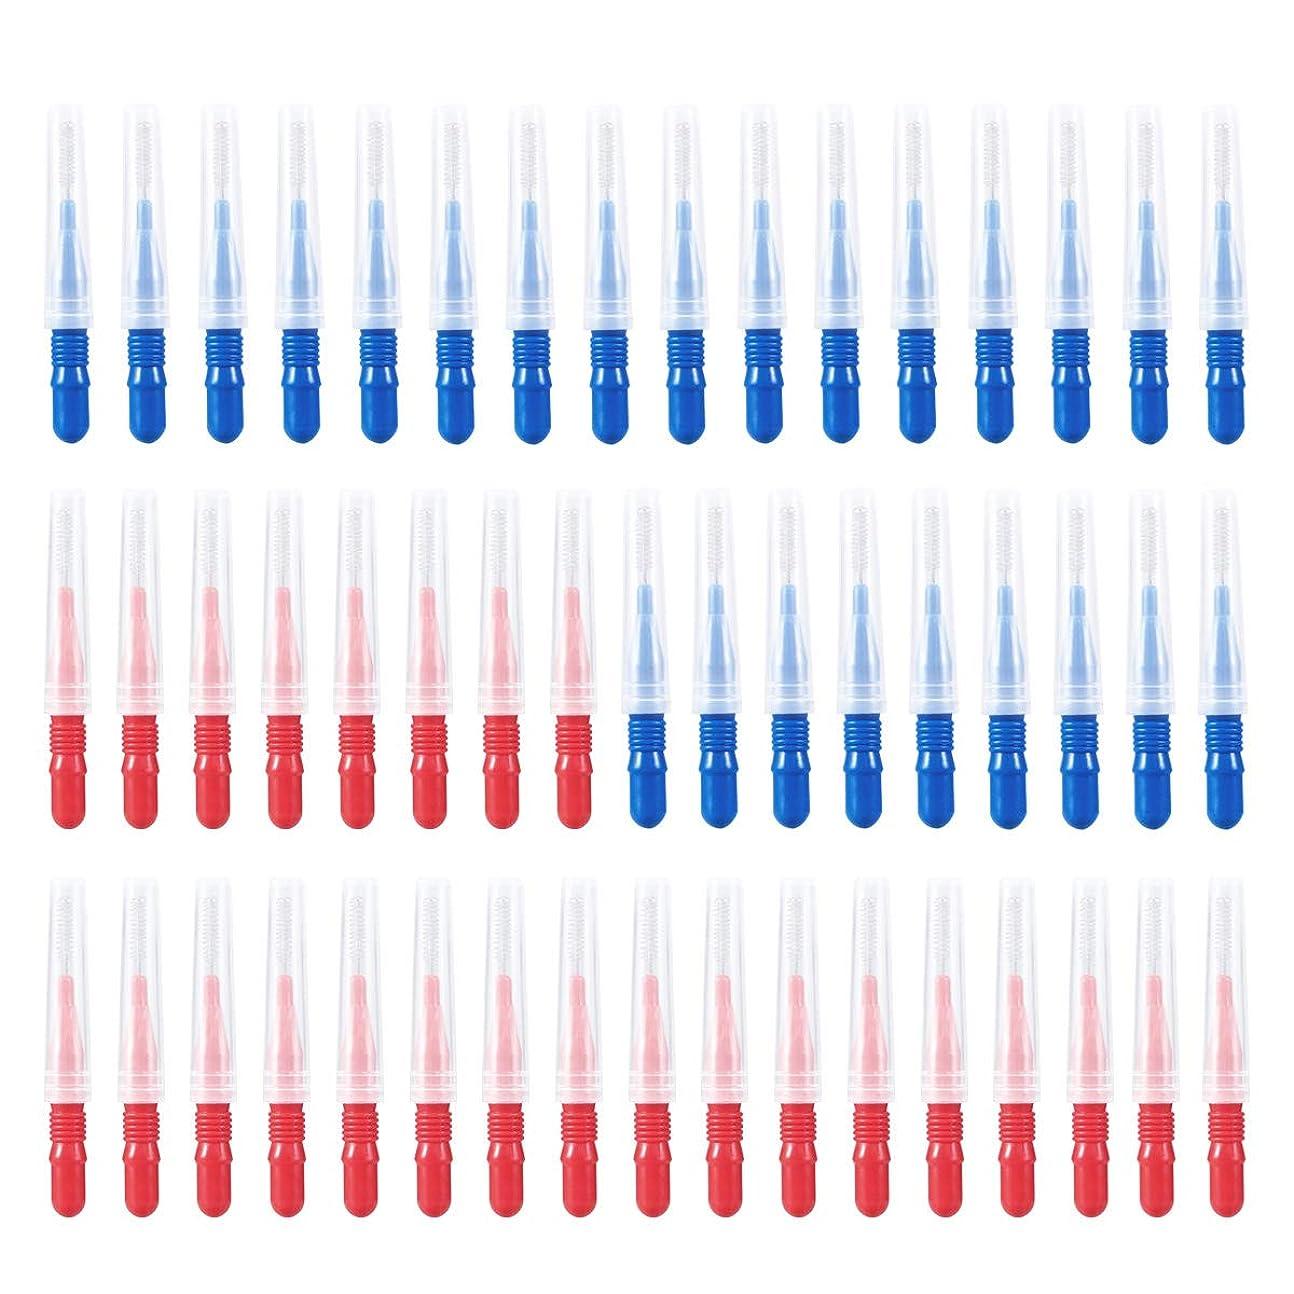 疫病湖個人SUPVOX 50本歯間スリムブラシつまようじクリーナーフロスヘッド歯科口腔衛生ブラシ(青と赤)